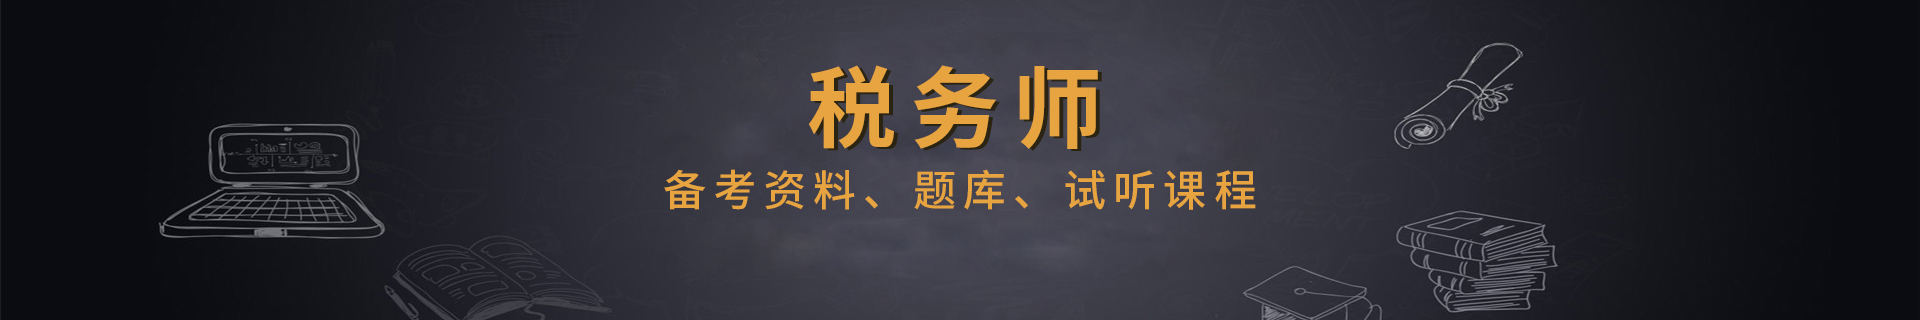 南昌高顿财经教育学校